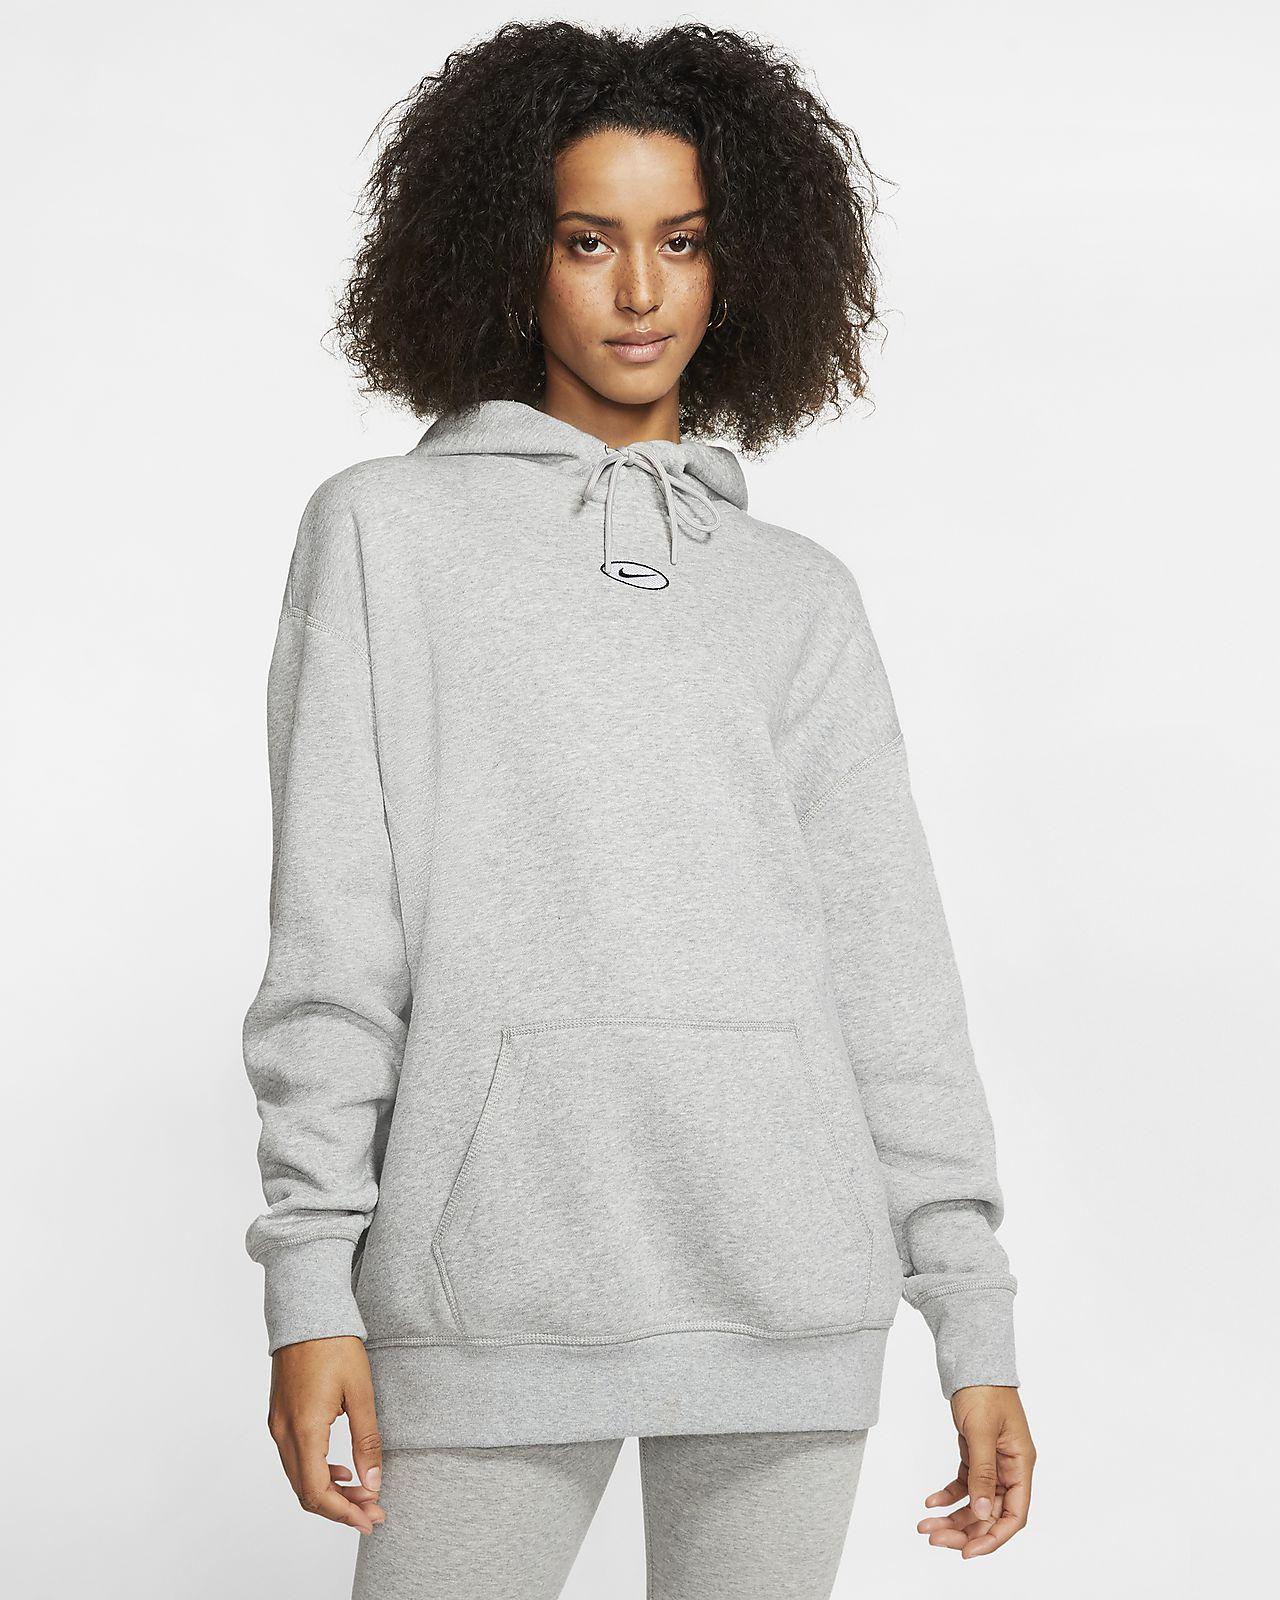 Γυναικεία μπλούζα με κουκούλα Nike Sportswear Swoosh